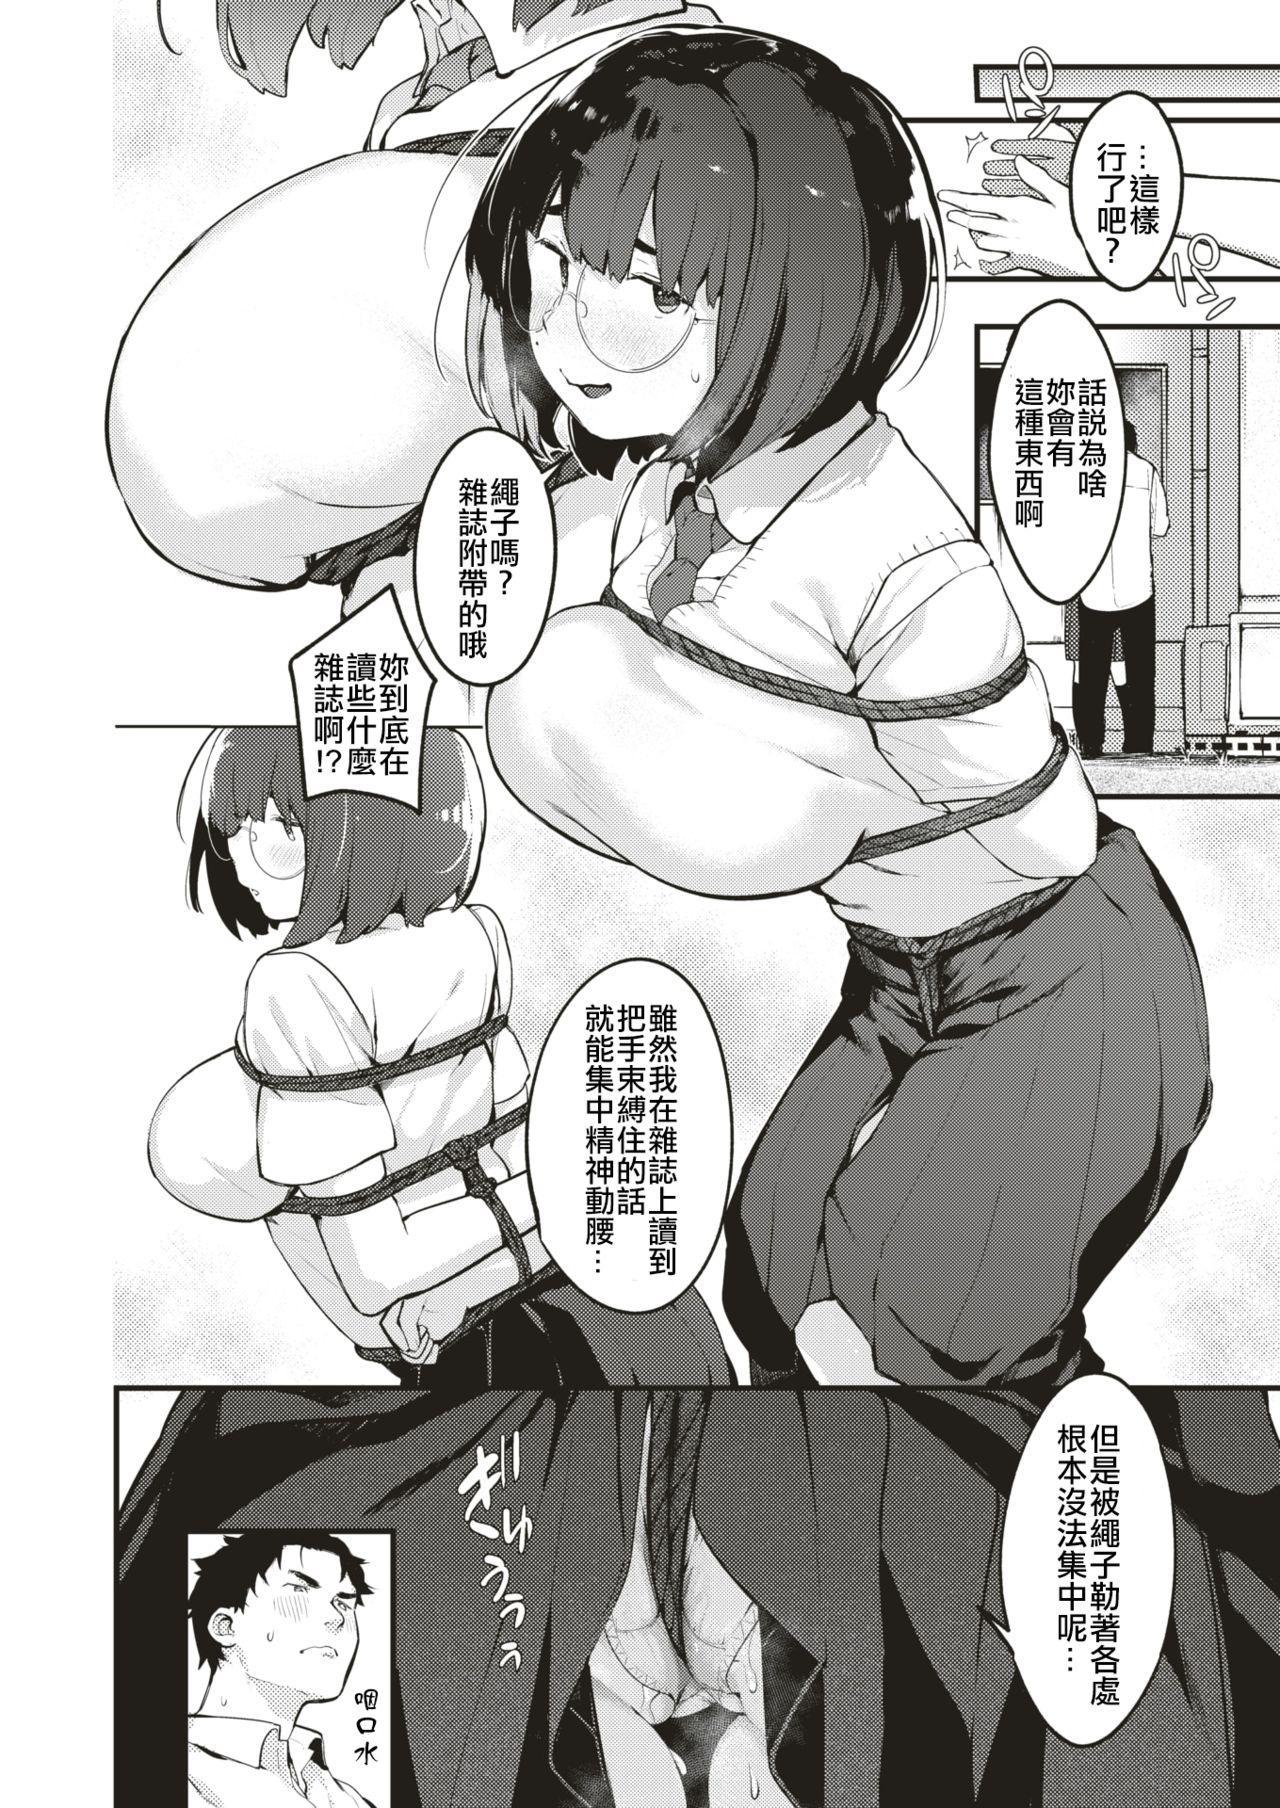 Tensai Eno Chikamichi 7